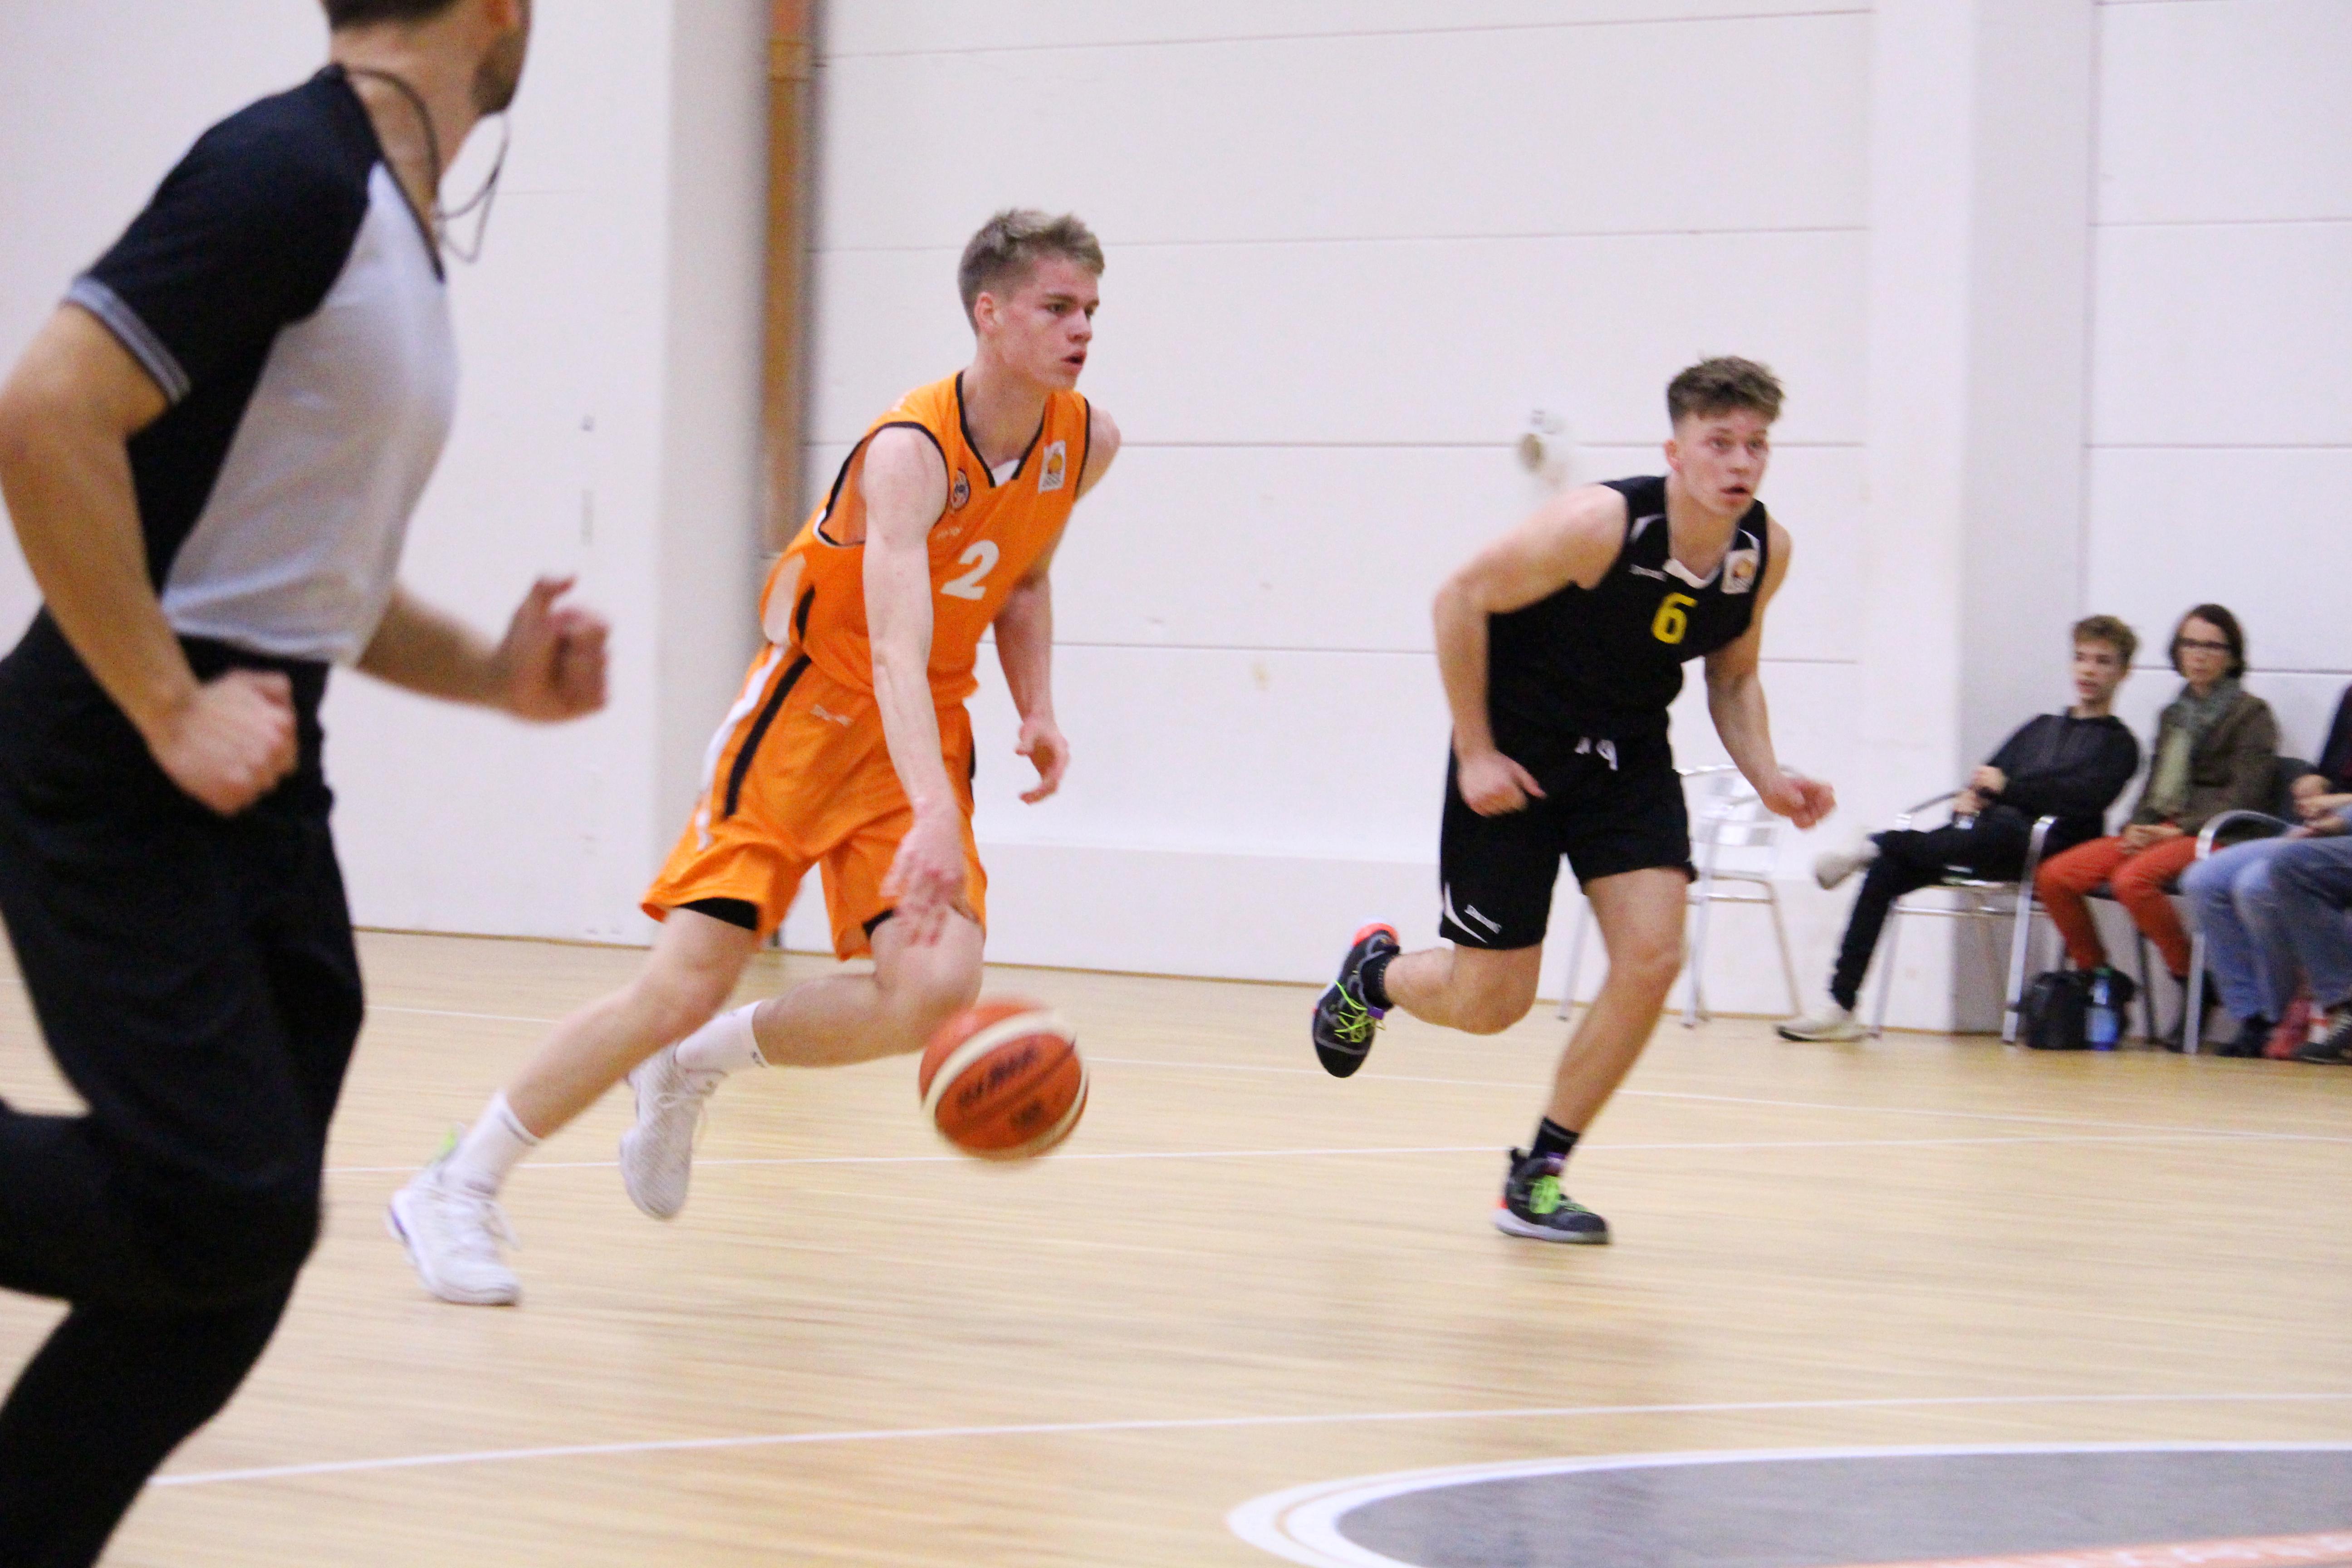 NBBL_19-20_OrangeAcademy_Young-Tigers-Tübingen_Spieltag3_Konrad-Stark-2